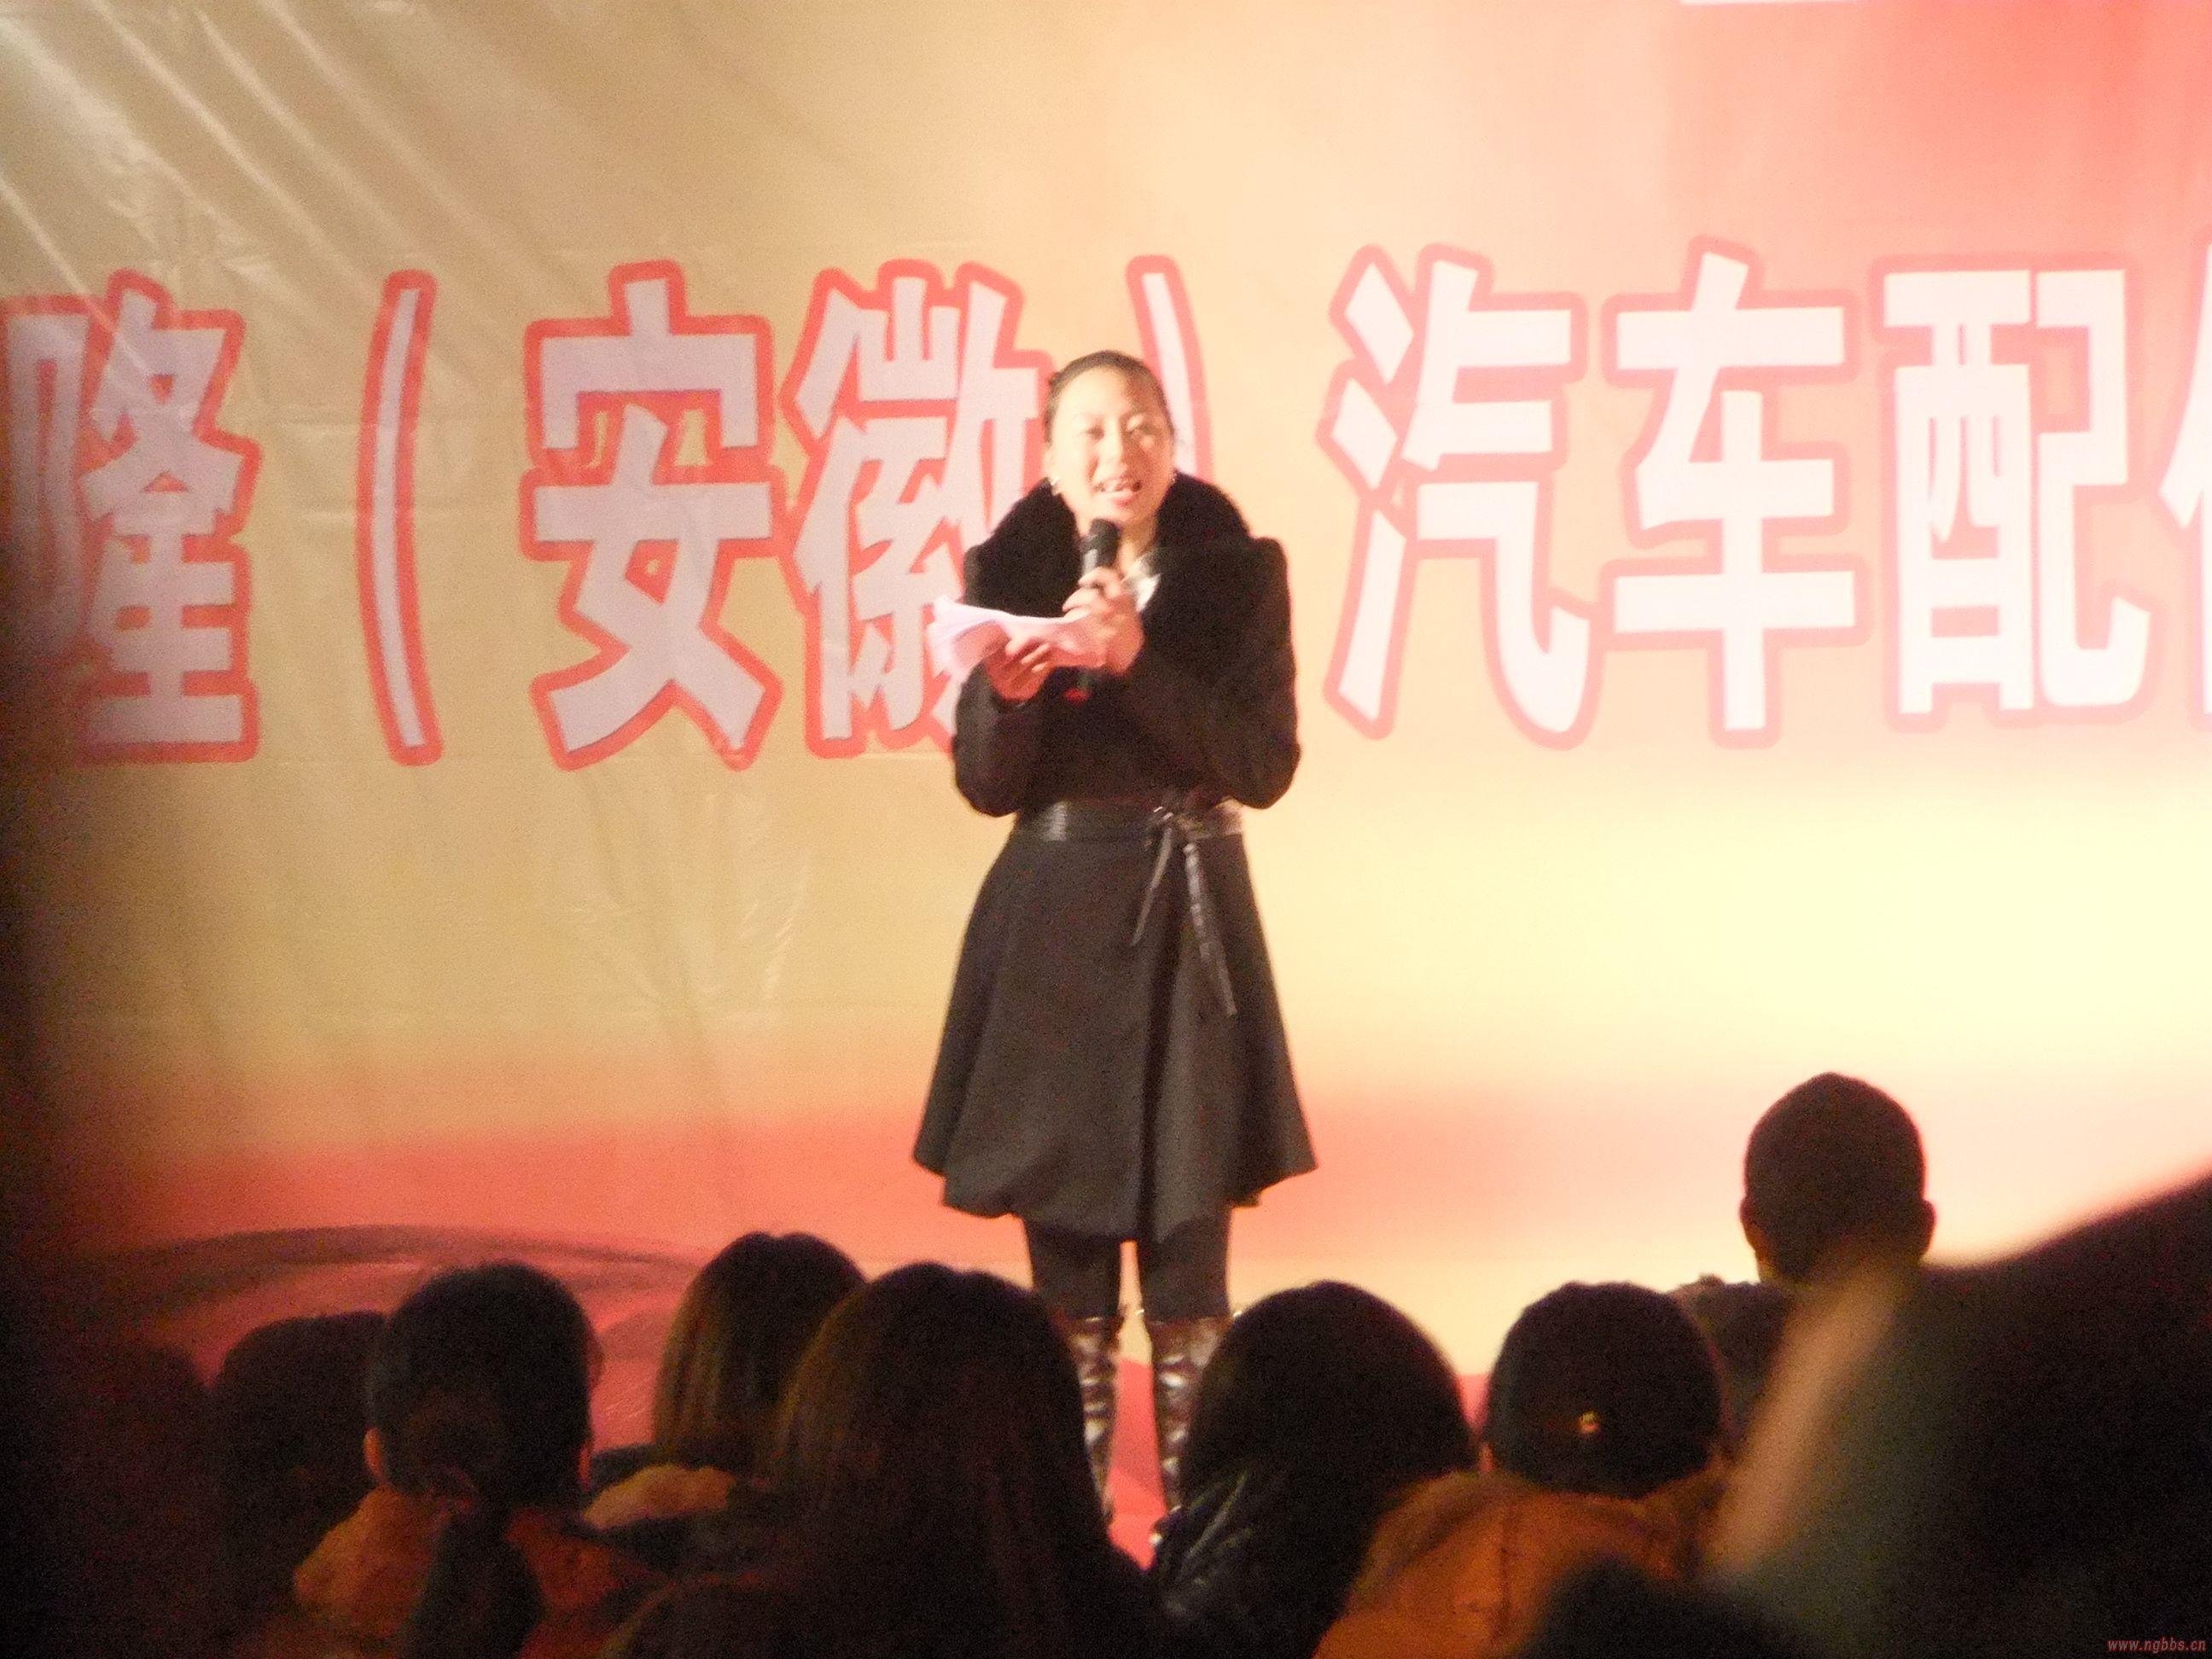 保隆篝火晚会 - 宁国论坛 - DSCF7140.jpg